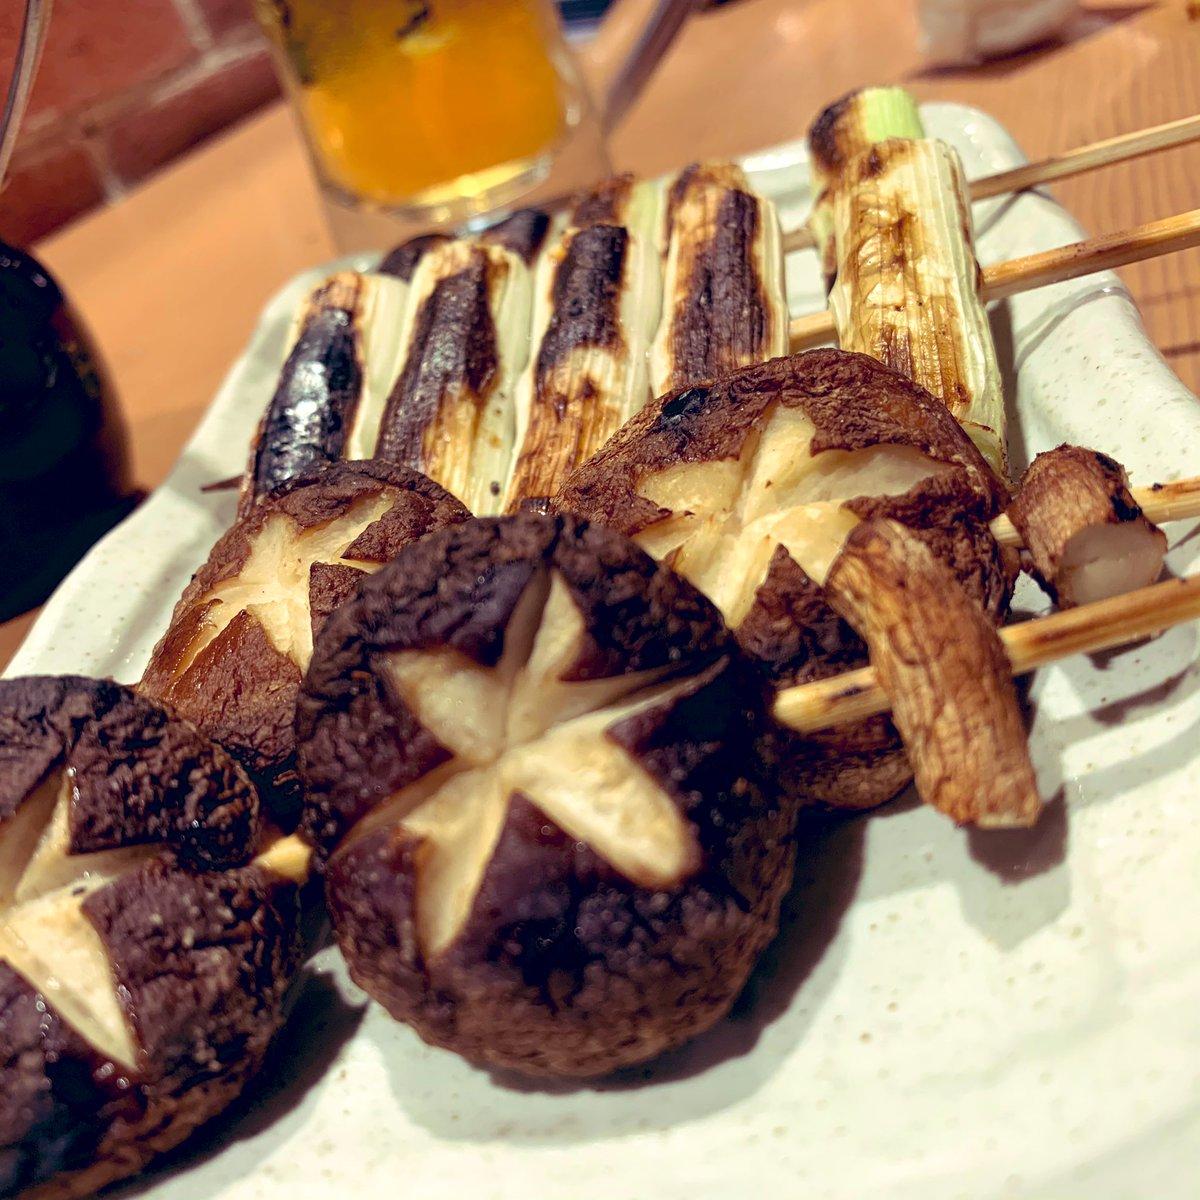 test ツイッターメディア - 野菜の美味い店は良いねん。船橋坊ちゃん。十四代とか而今とかうまそうな日本酒もあるんだけど、串にはビールか焼酎っていう先入観。 https://t.co/nbtIe1jWF7